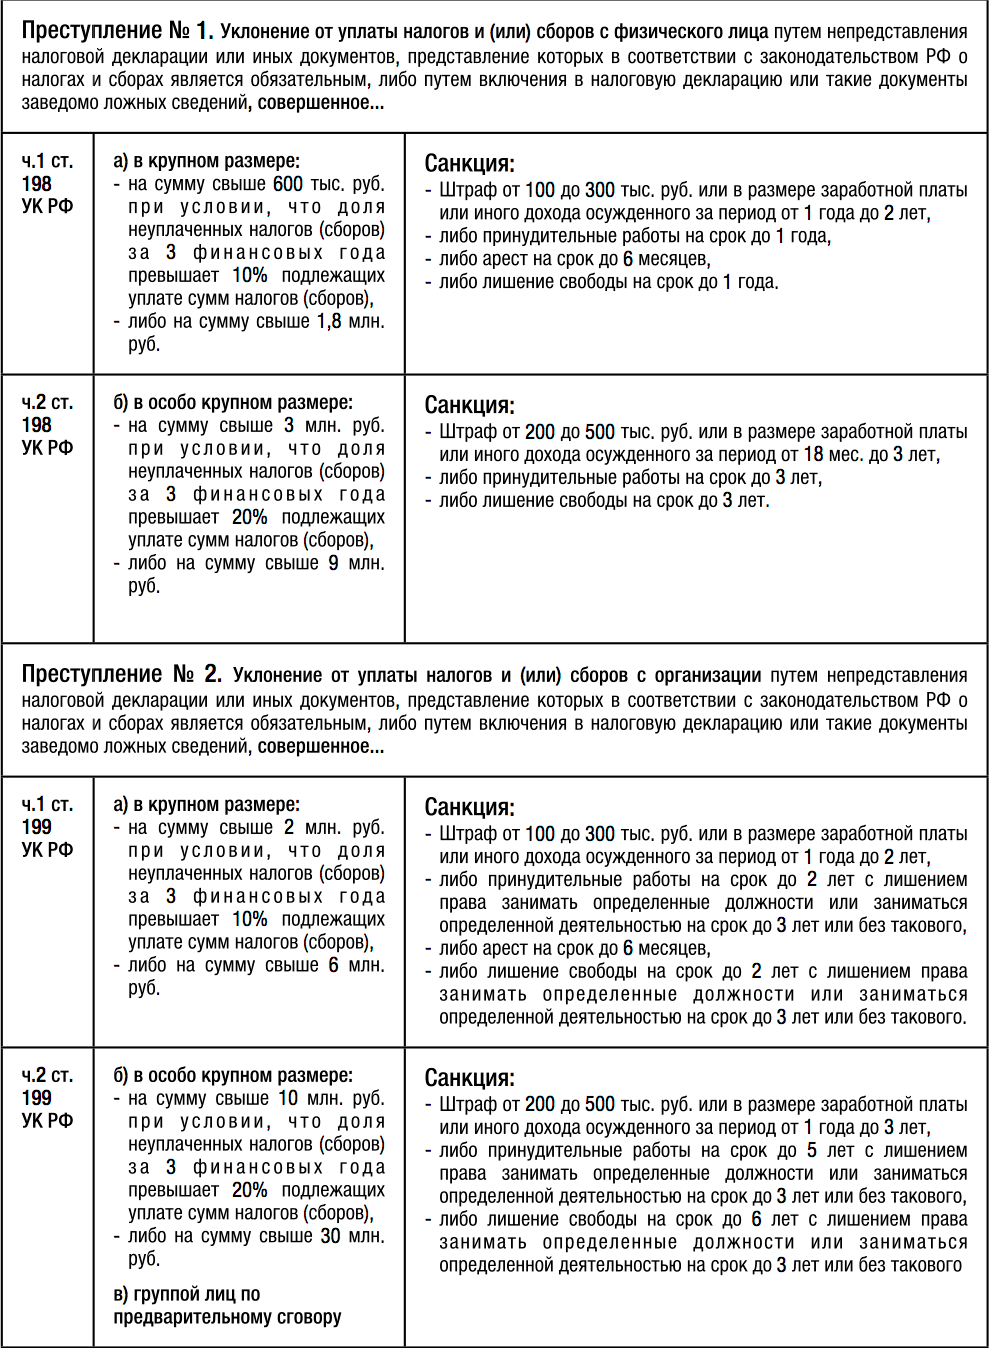 правоохранительные органы в схемах и таблицах